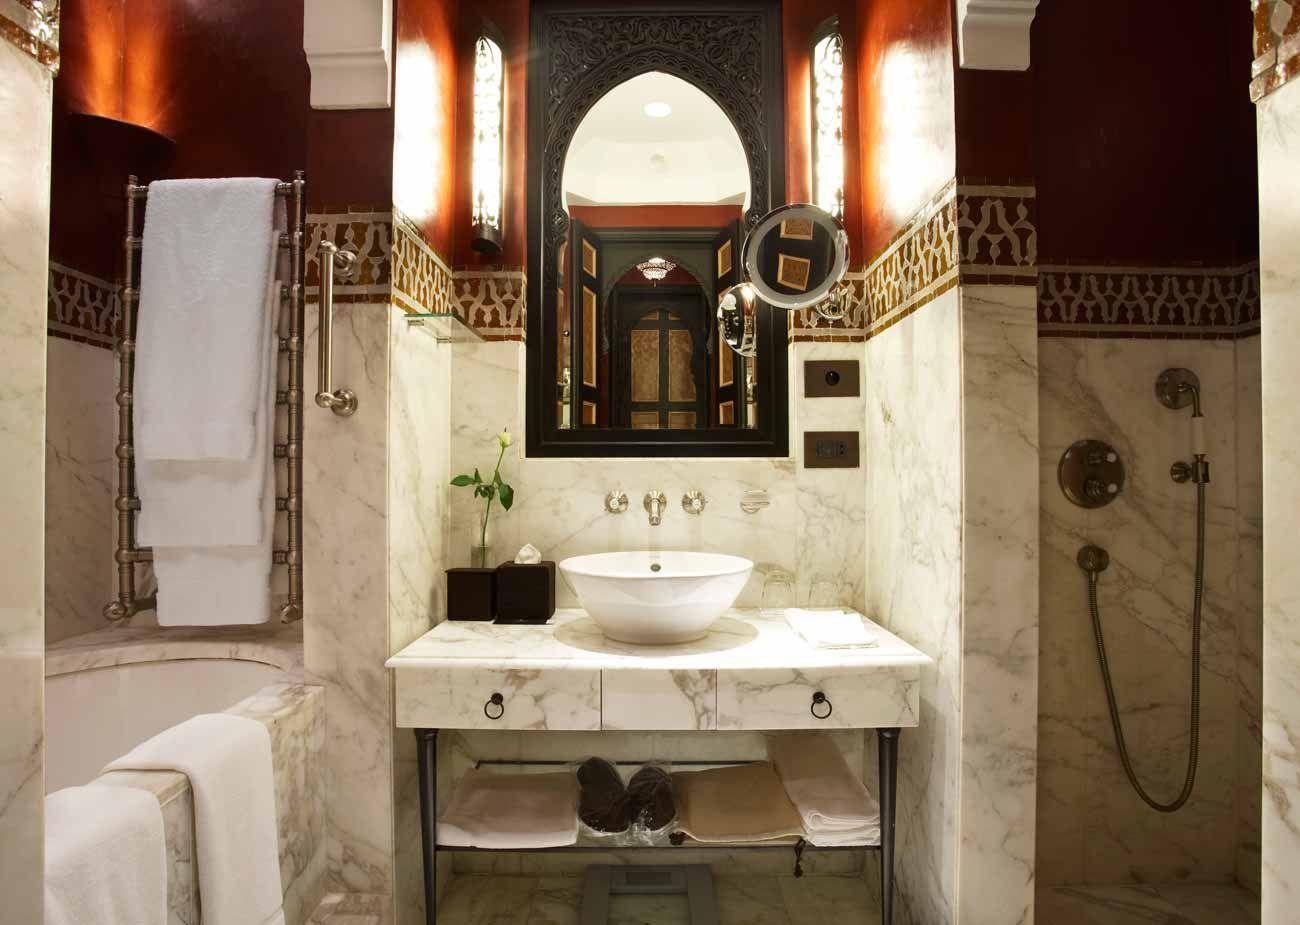 Chambres d 39 h tel de luxe marrakech la mamounia archi pinterest la mamounia h tels de - Prix chambre hotel mamounia marrakech ...